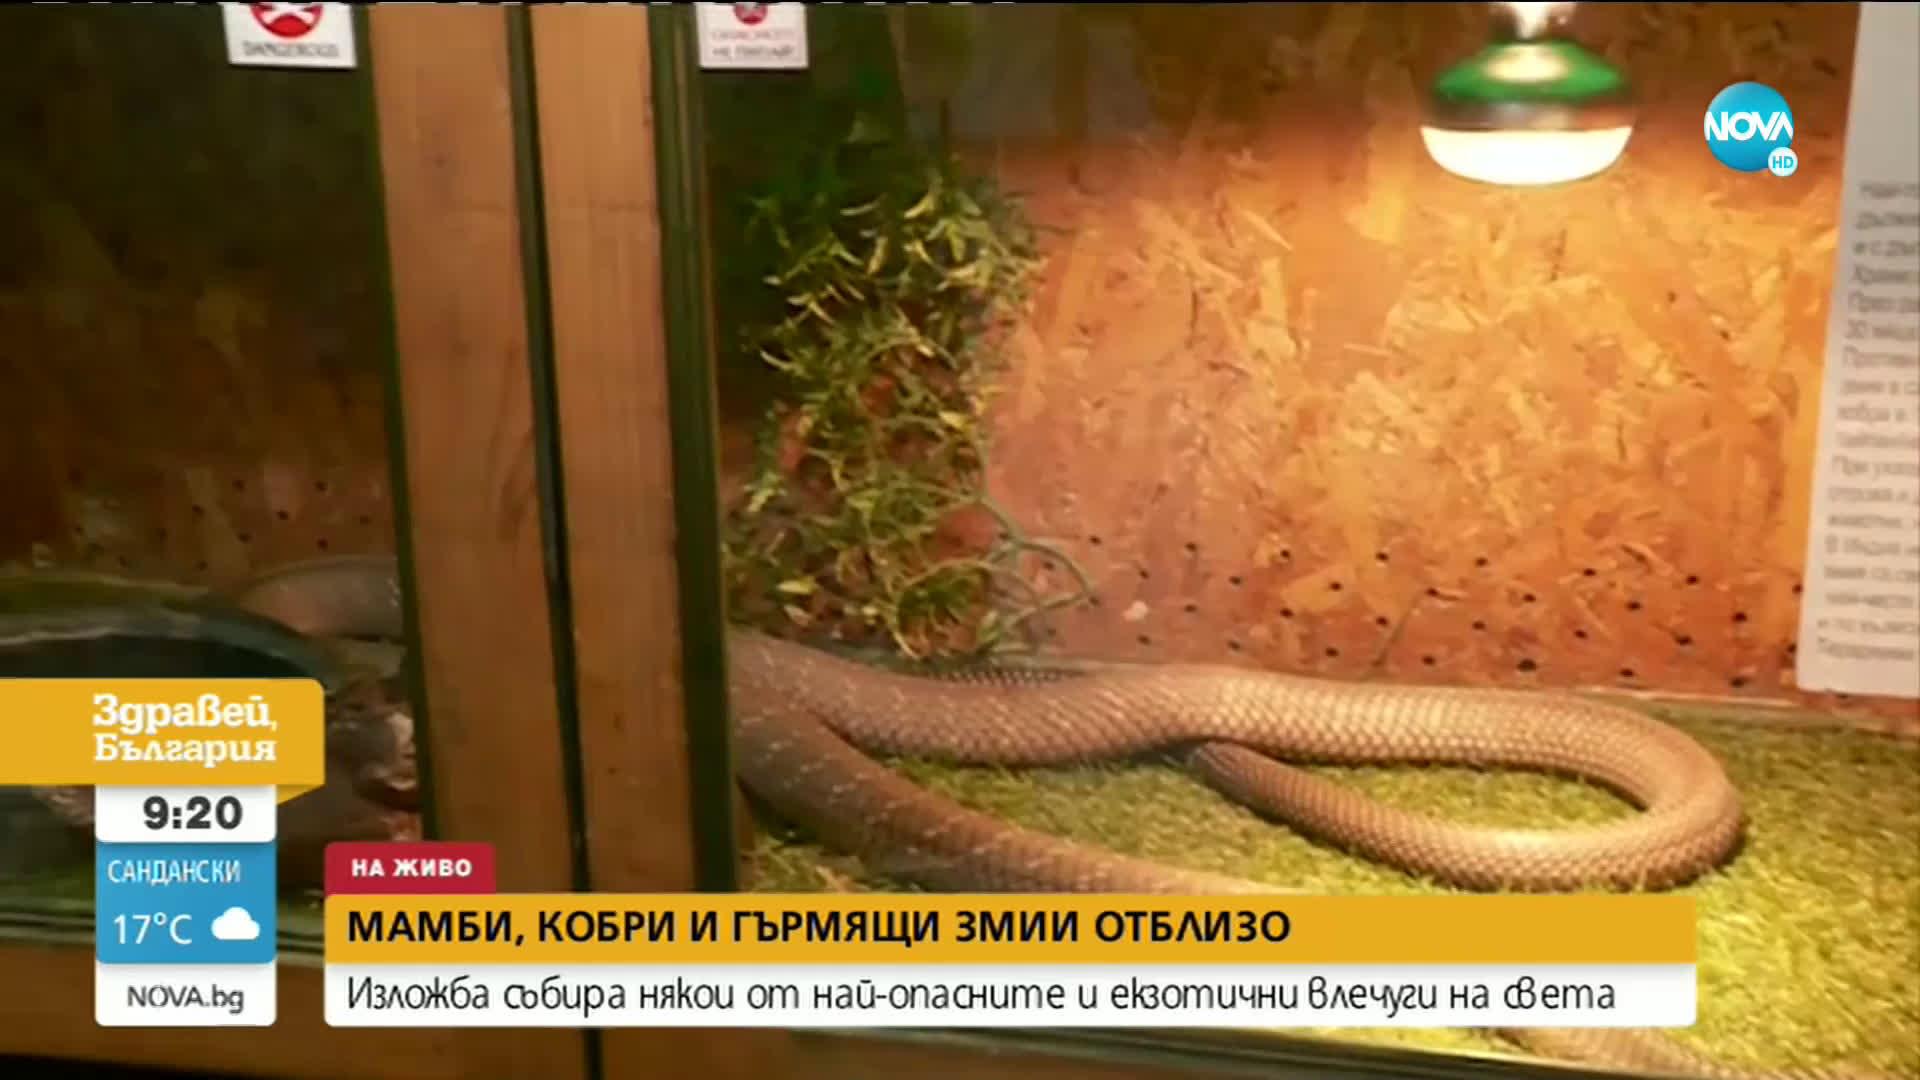 Изложба събира най-опасните и екзотични влечуги в света